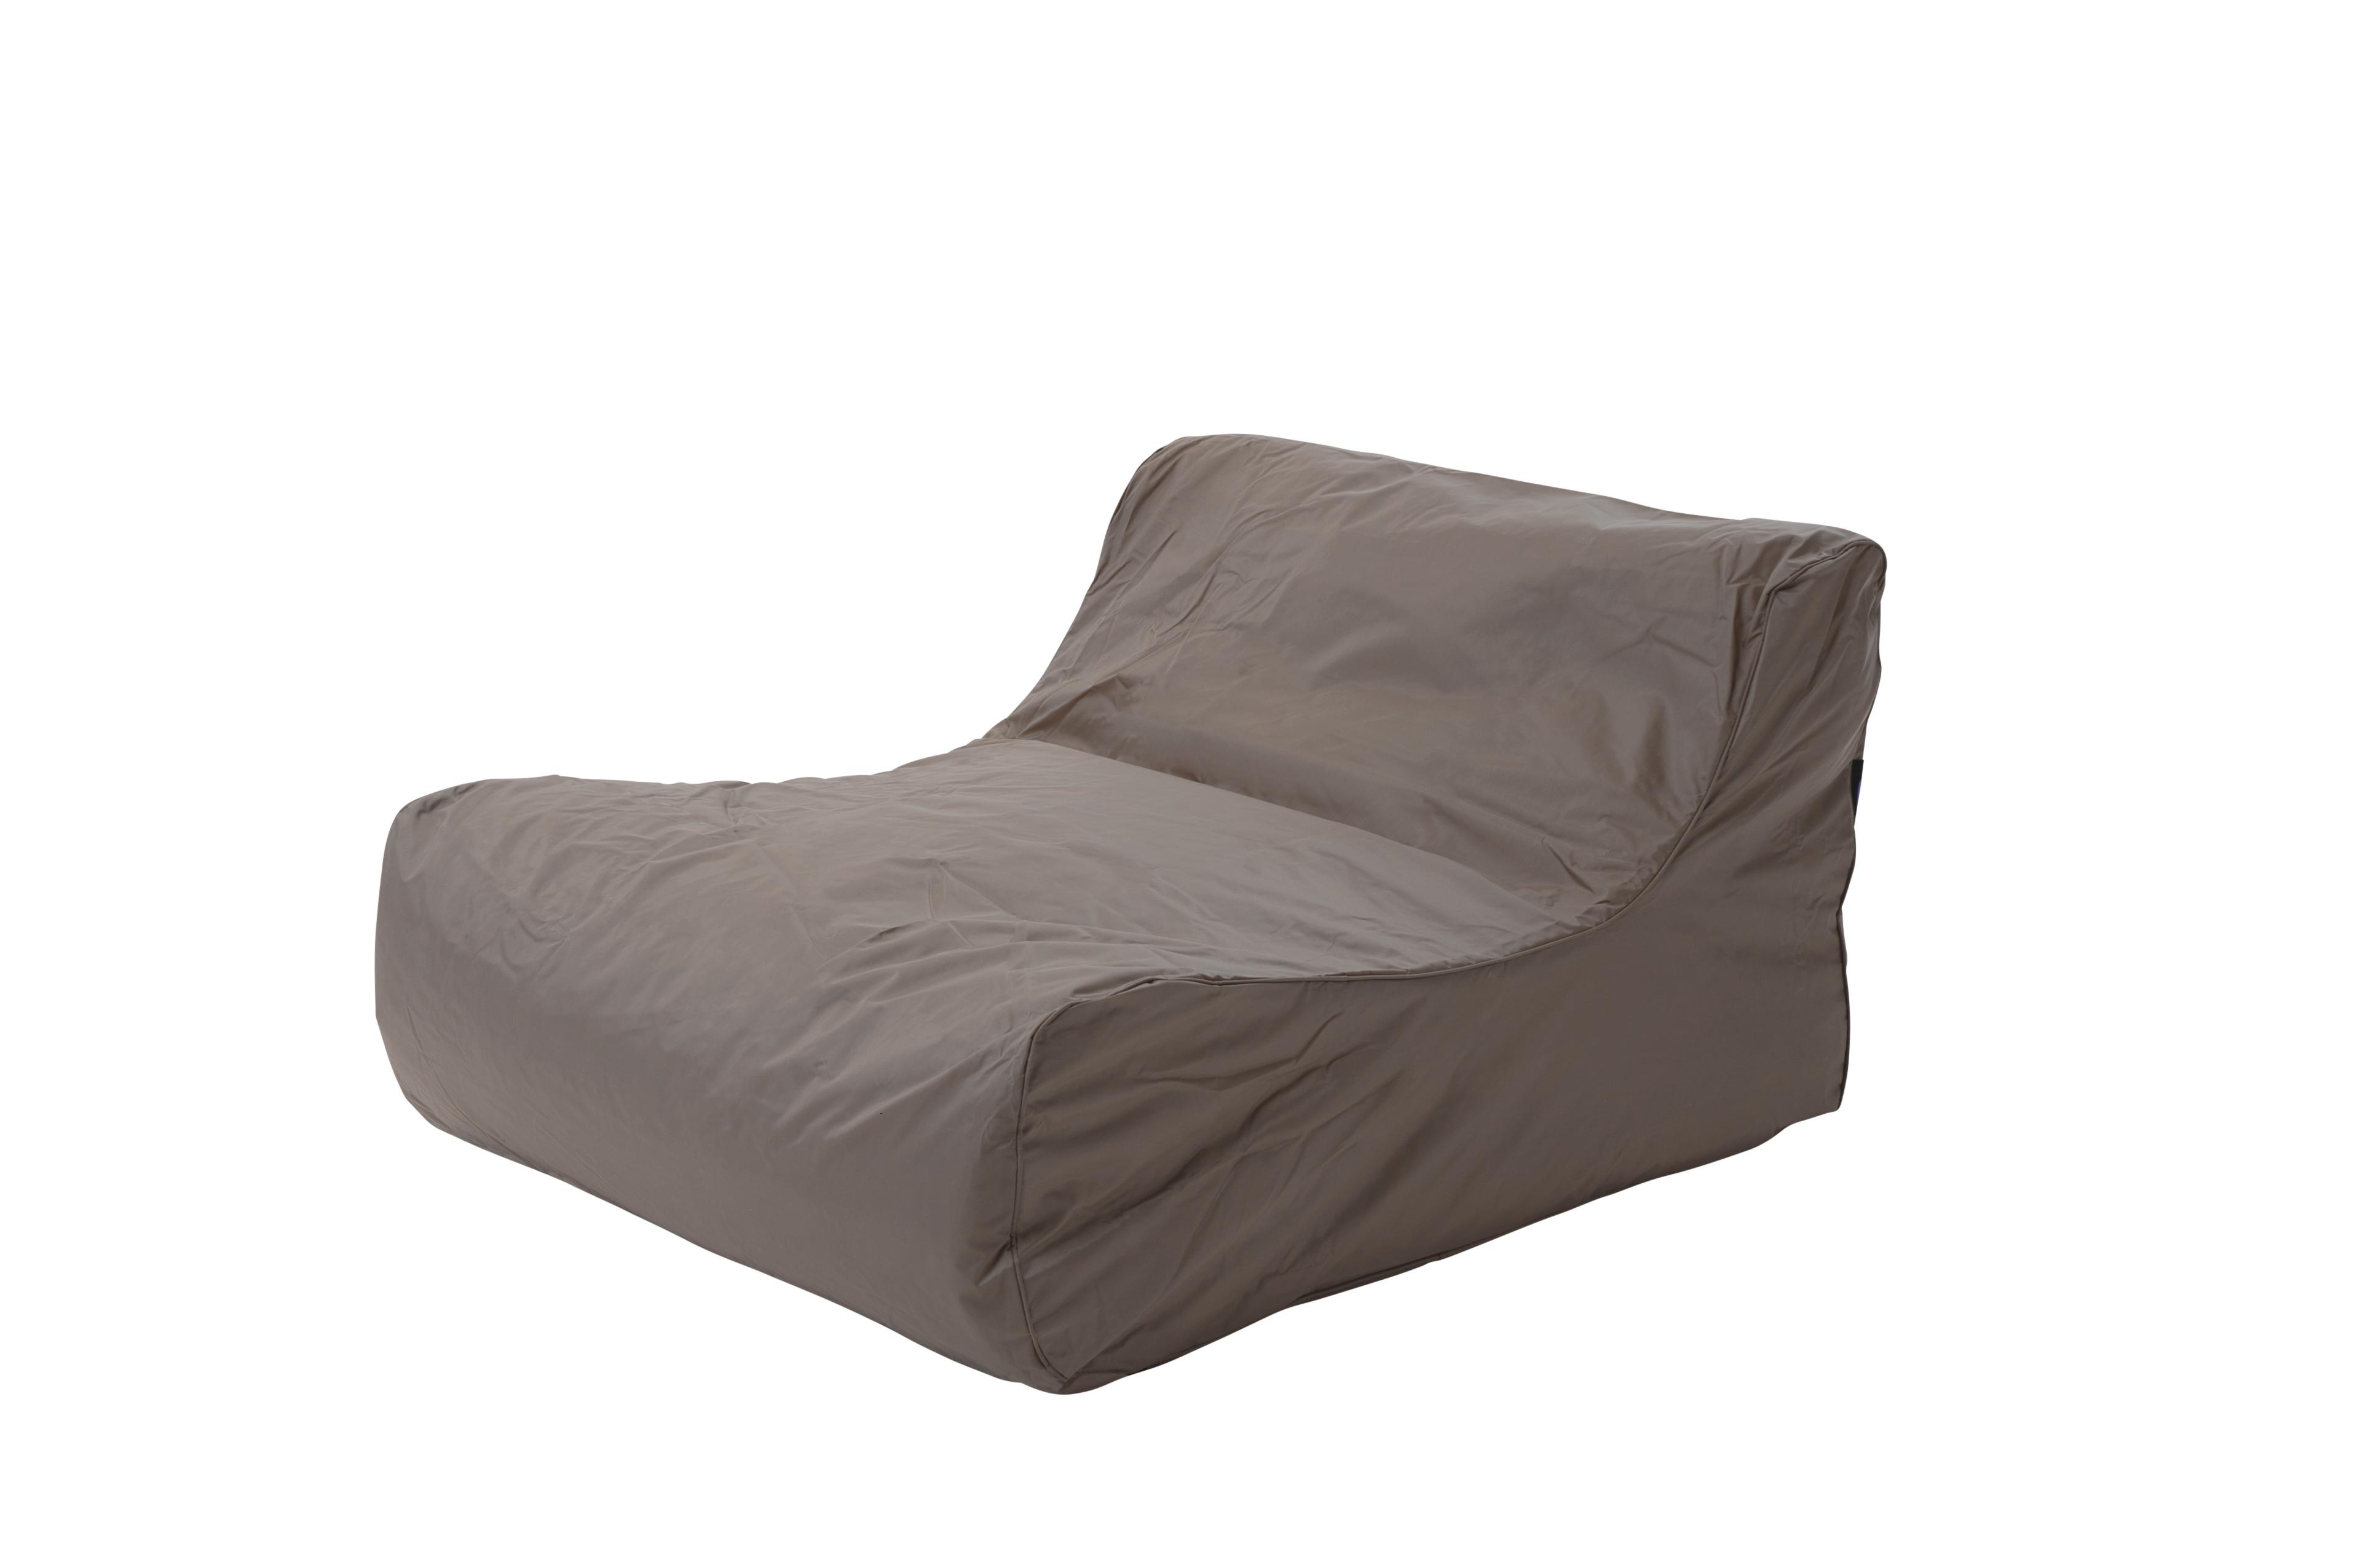 Le fauteuil de piscine mobilier de piscine toulon var for Fauteuil piscine design